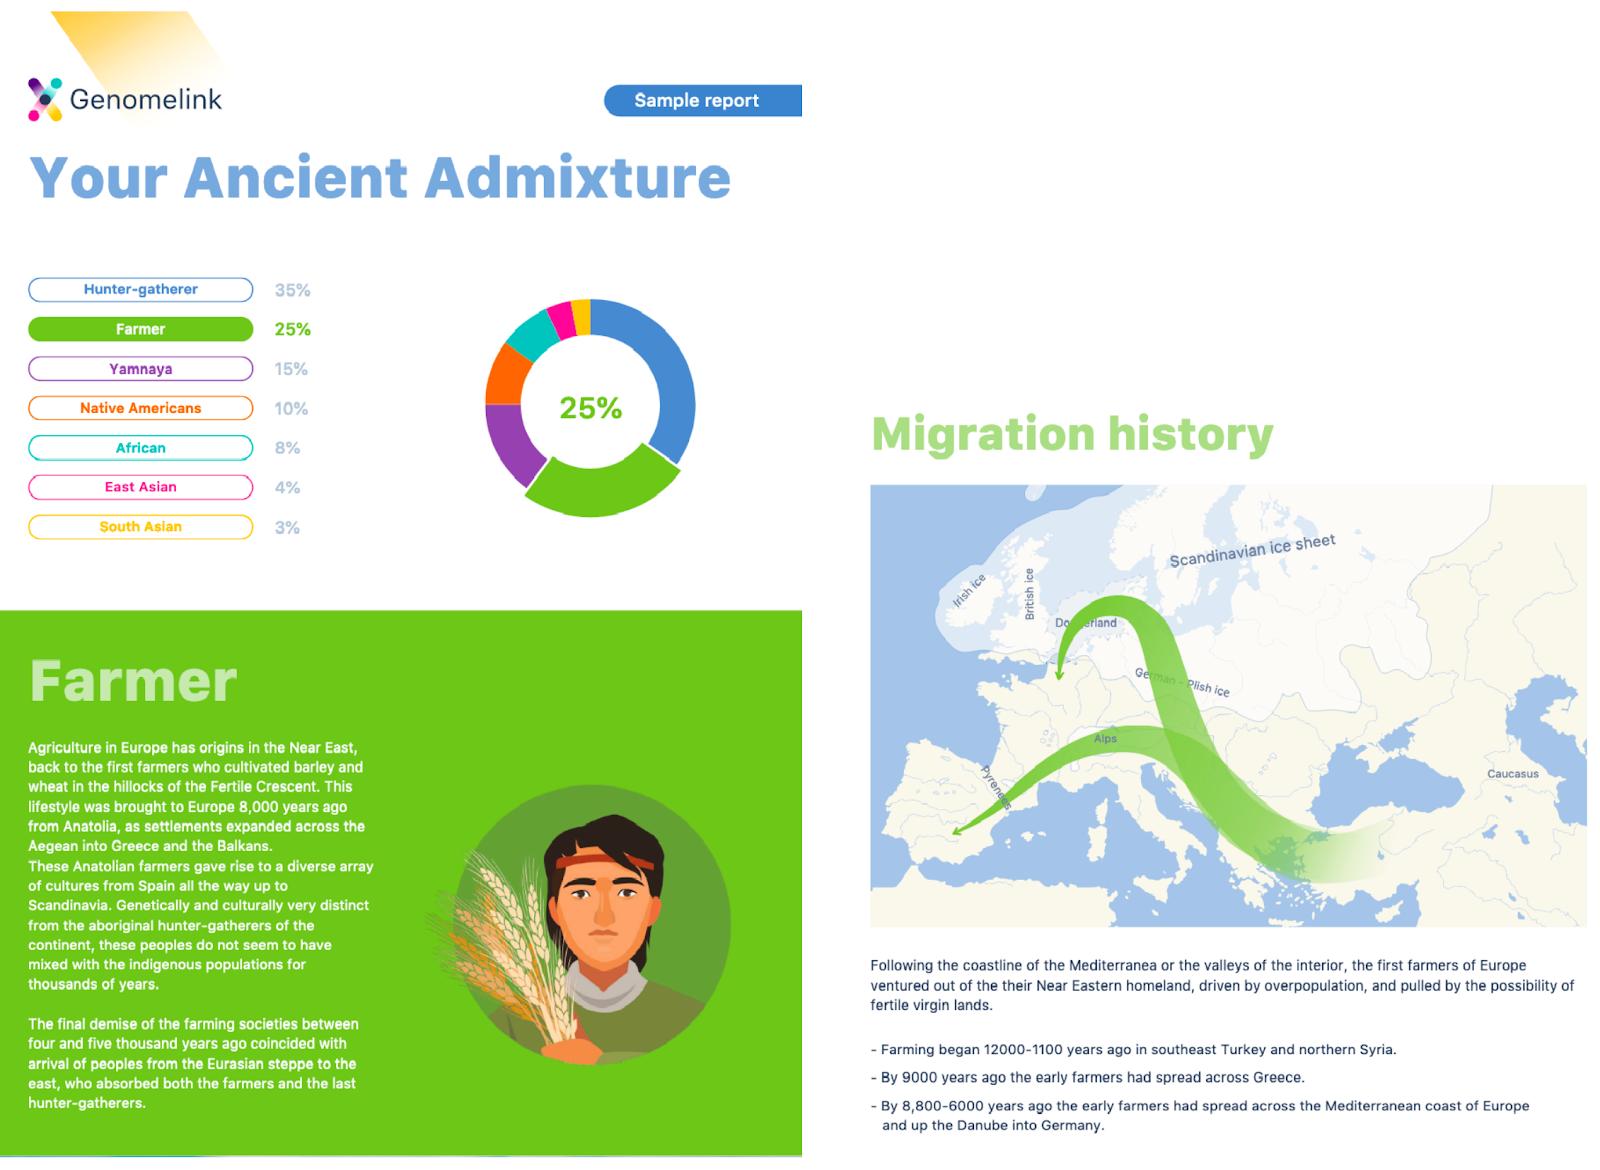 Genomelink Ancient Admixture, включая историю миграции